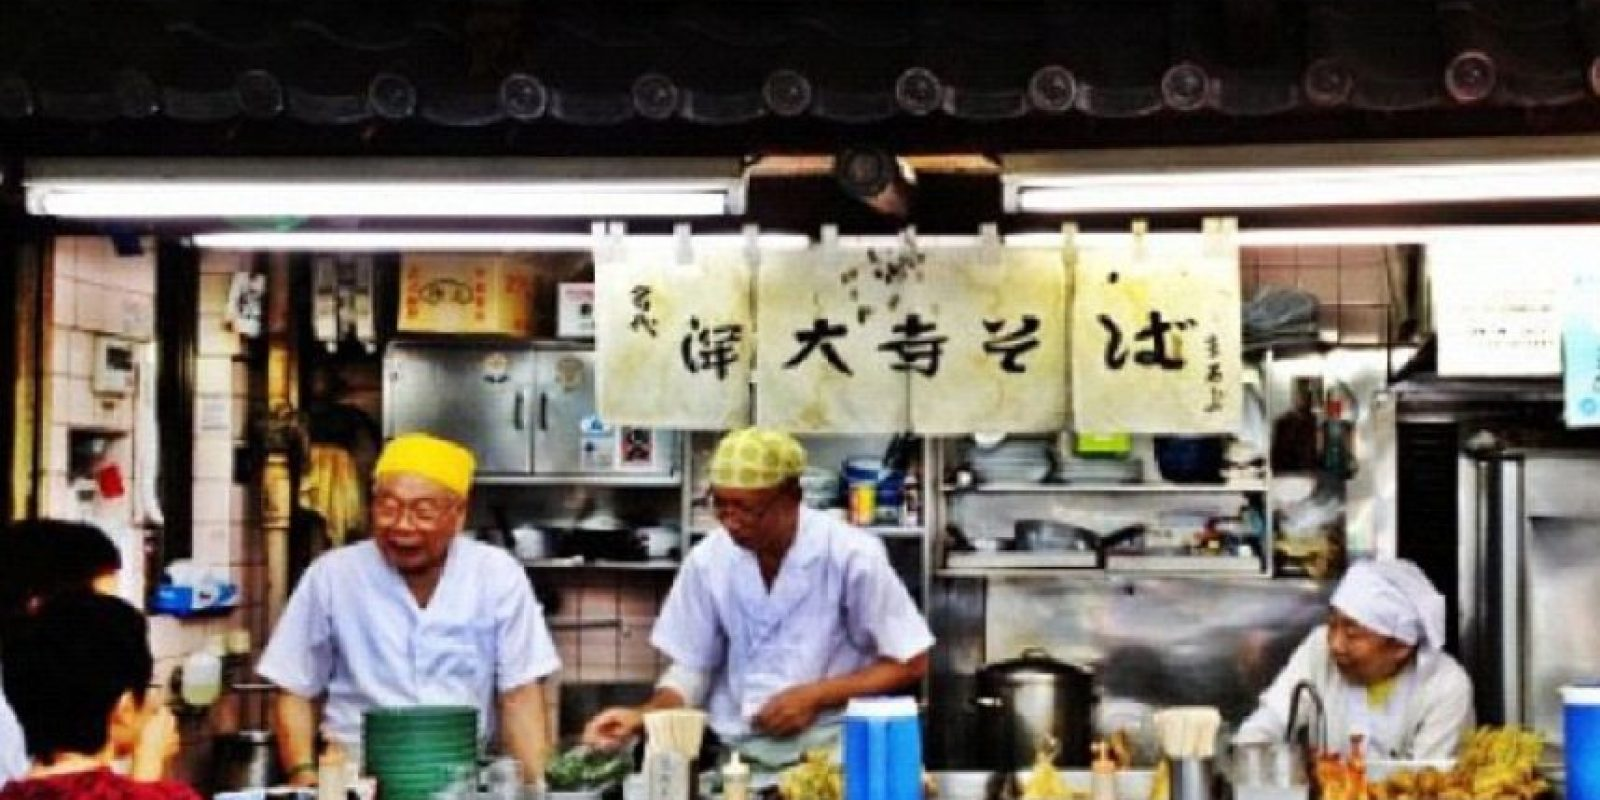 La cocina japonesa destaca por su variedad y sabor. Foto:Vía instagram @gkinuma